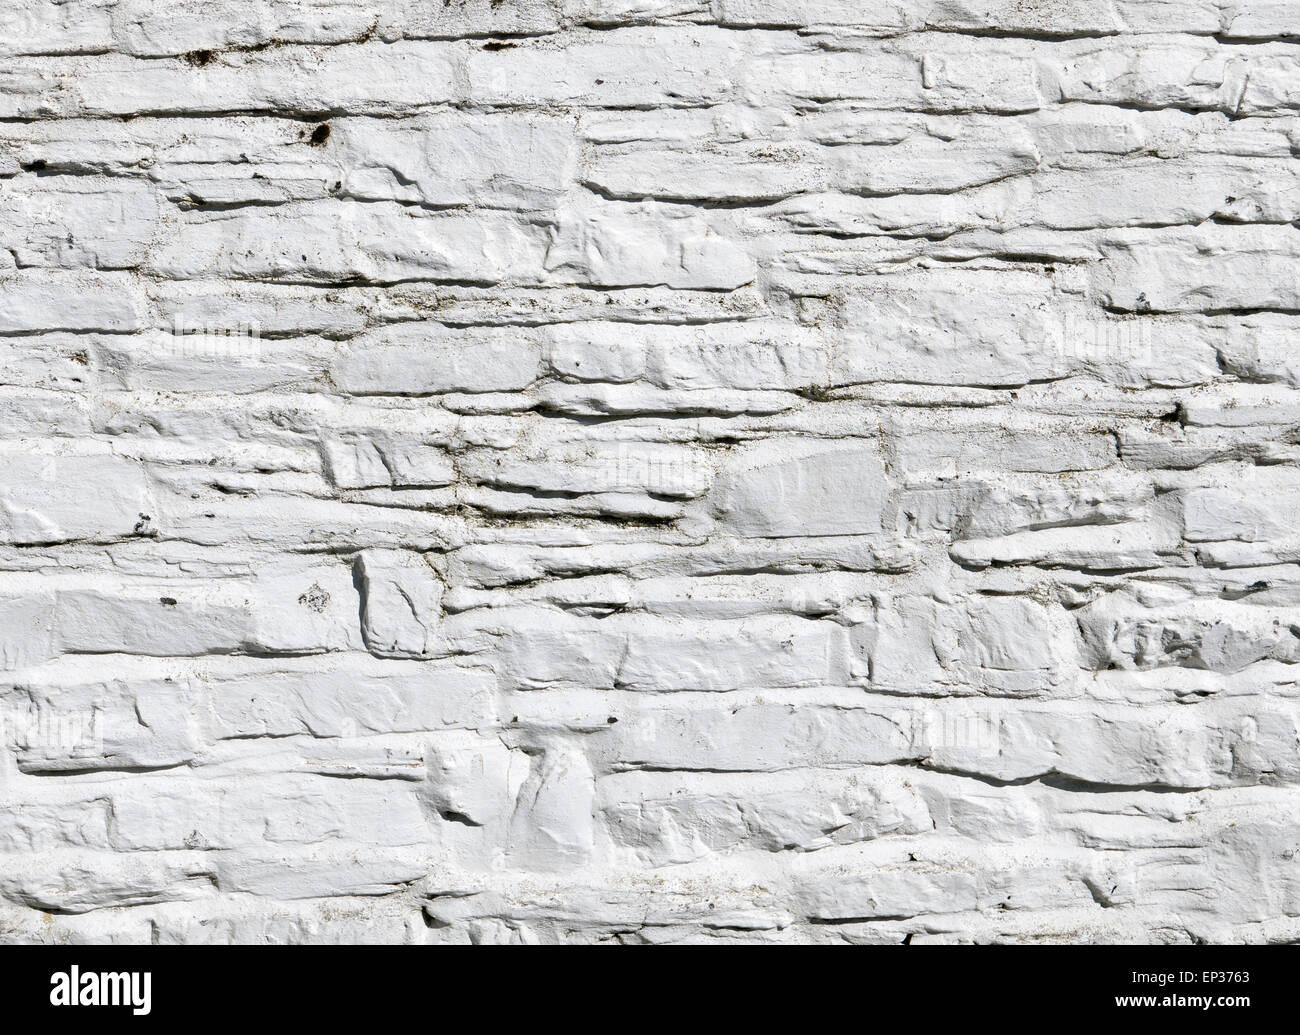 Peinture Blanche Aux Murs Blanchis à La Chaux Sur Mur De